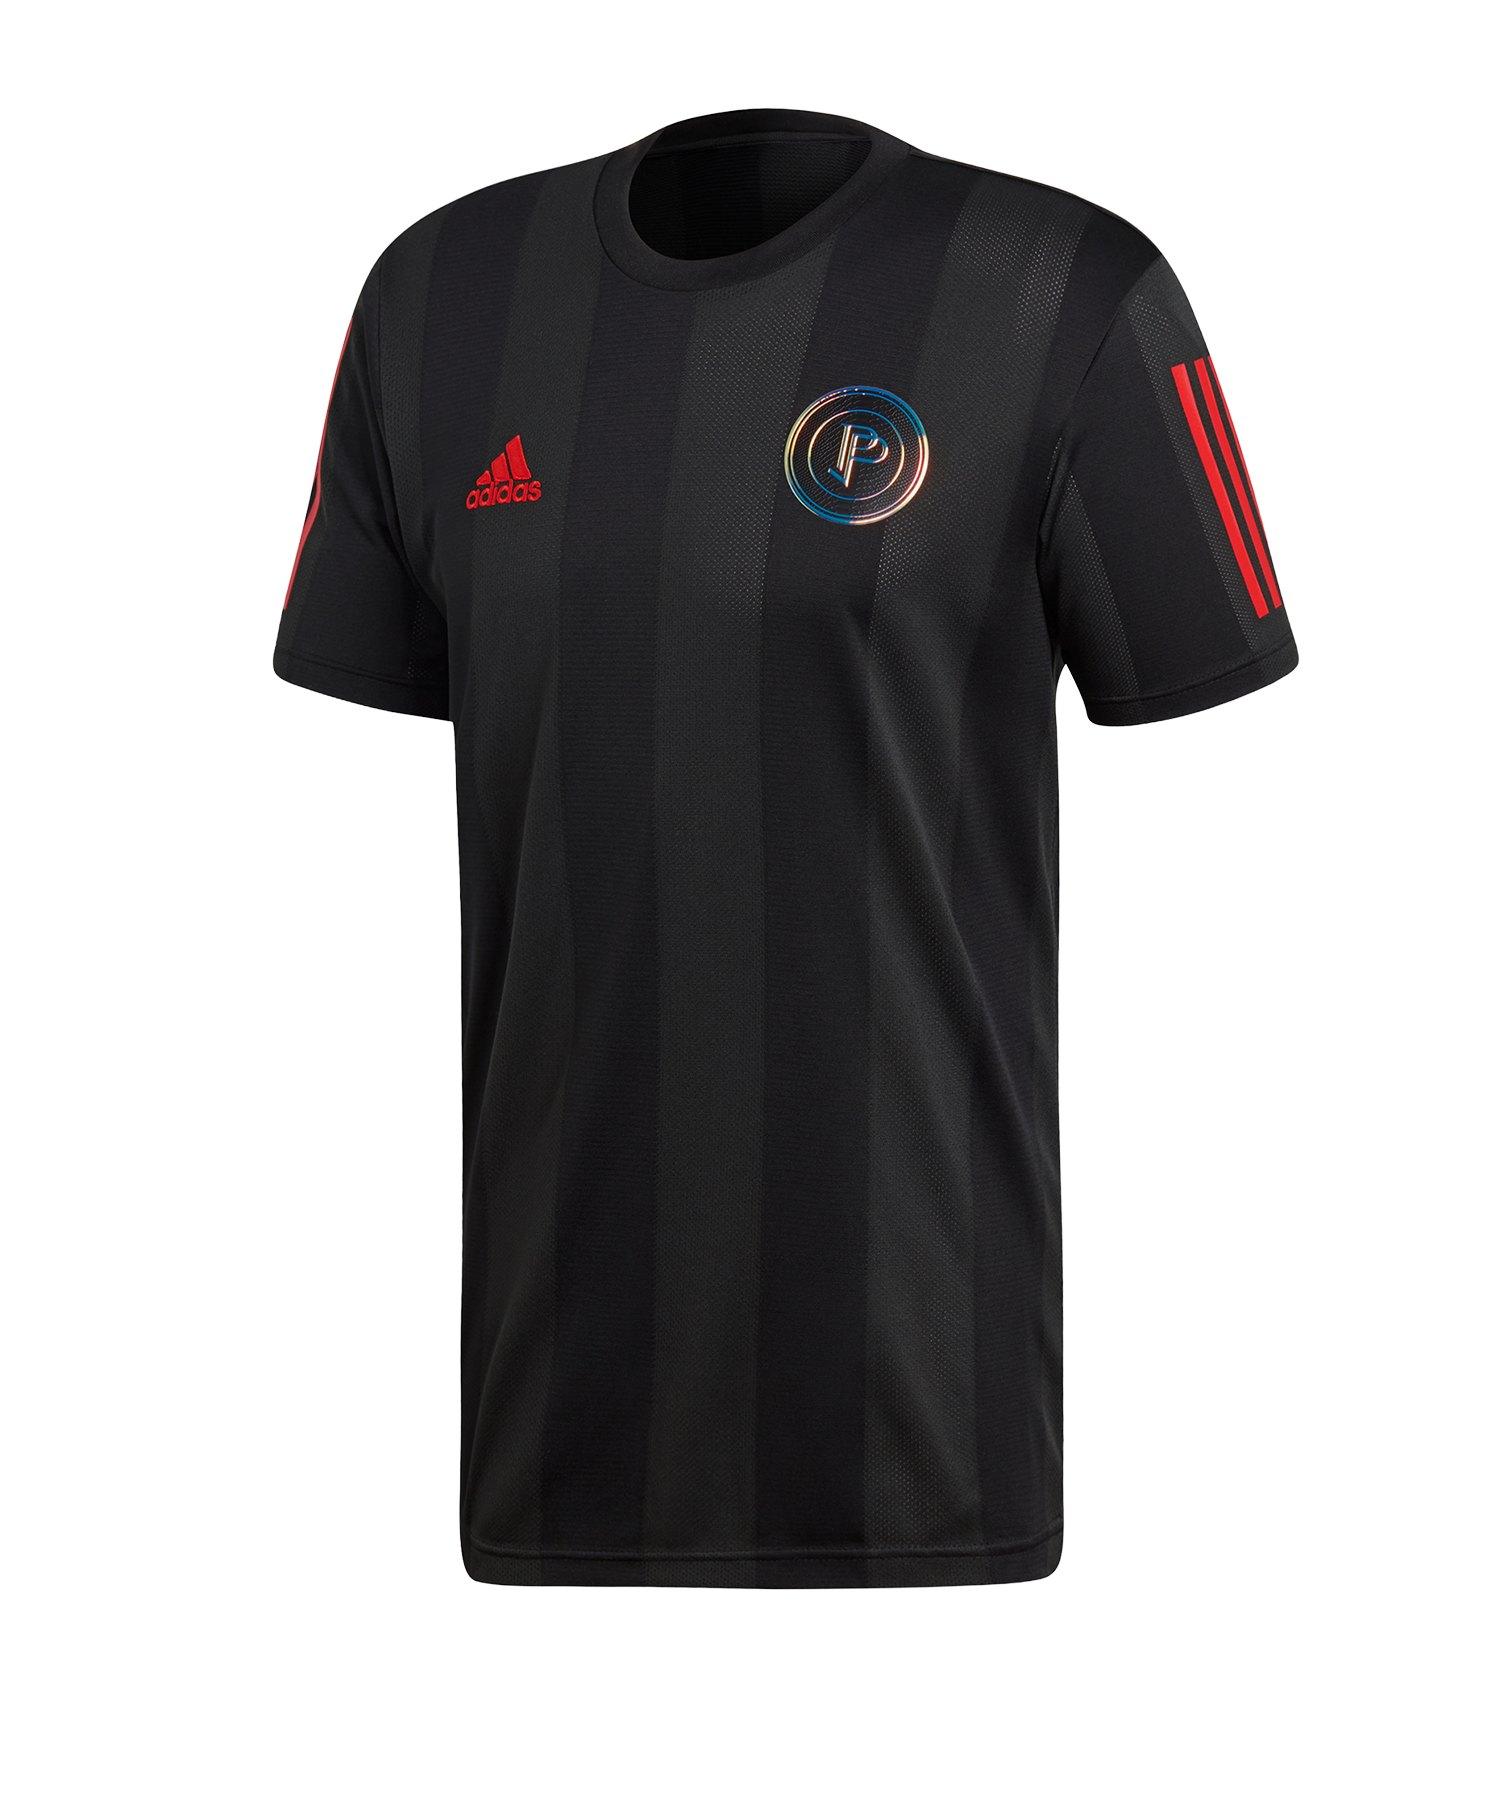 adidas Paul Pogba Jersey Shirt Schwarz - schwarz